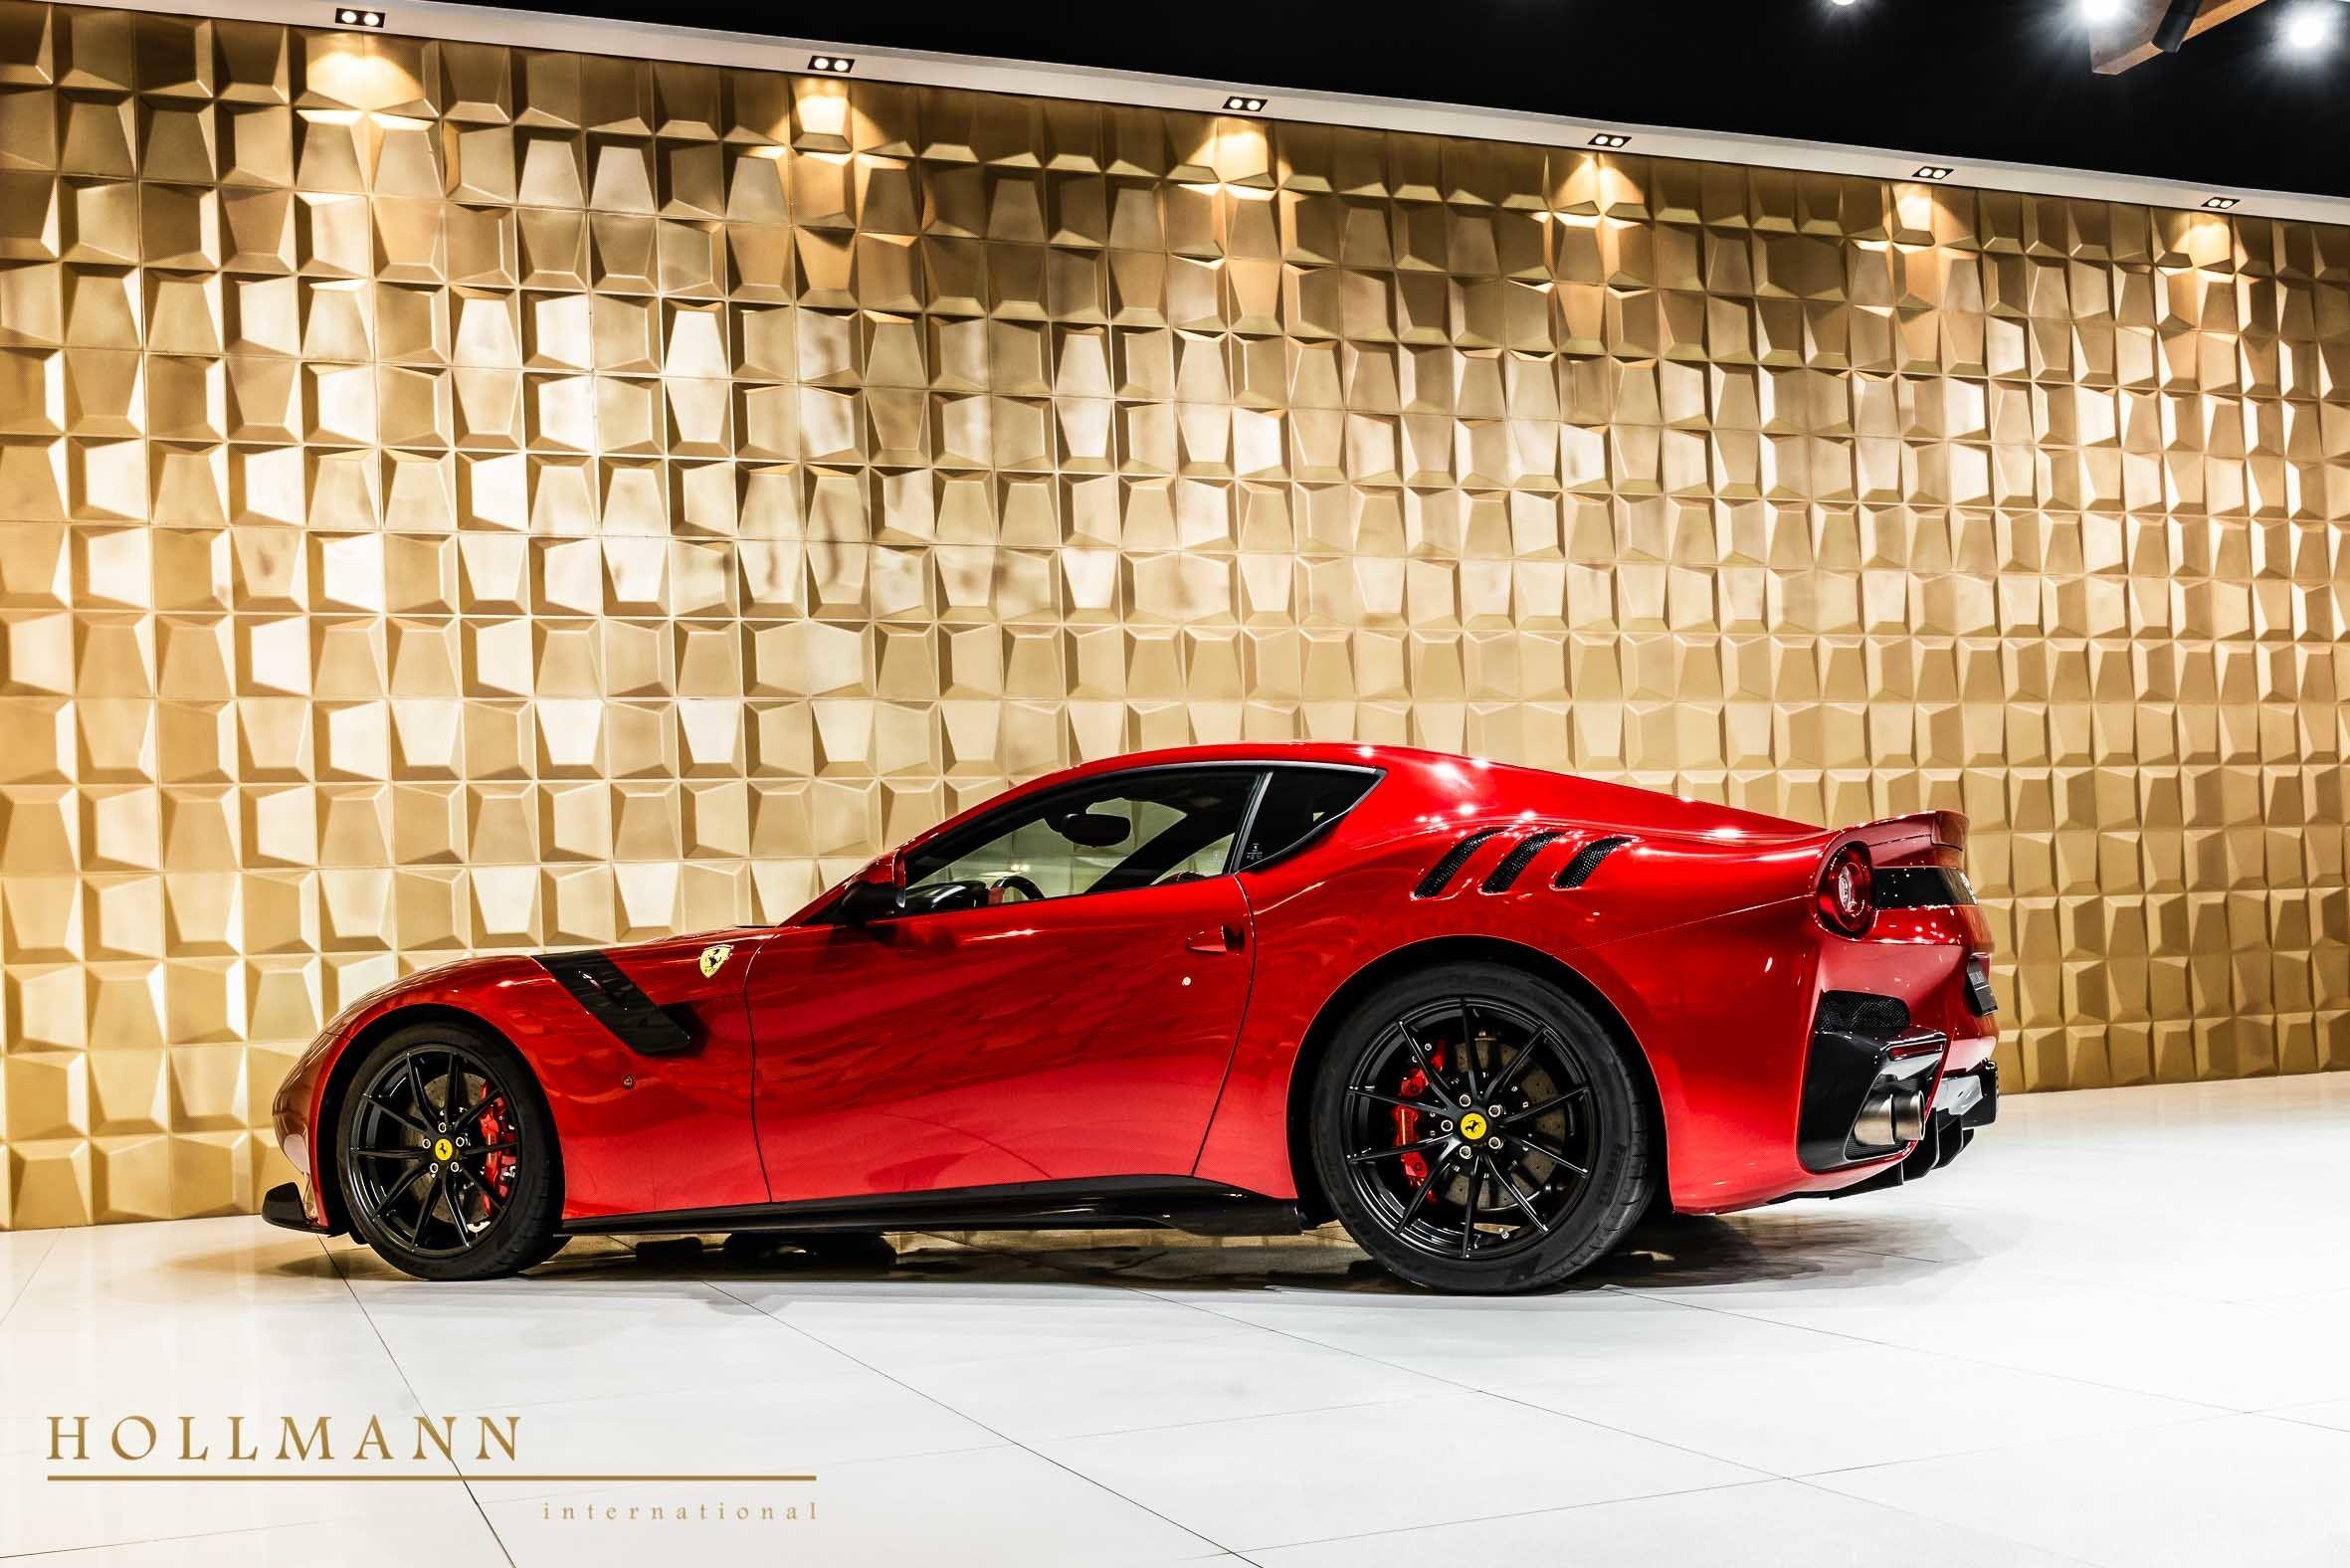 Ferrari F12 Tdf Hollmann International Germany For Sale On Luxurypulse En 2020 F12 Tdf